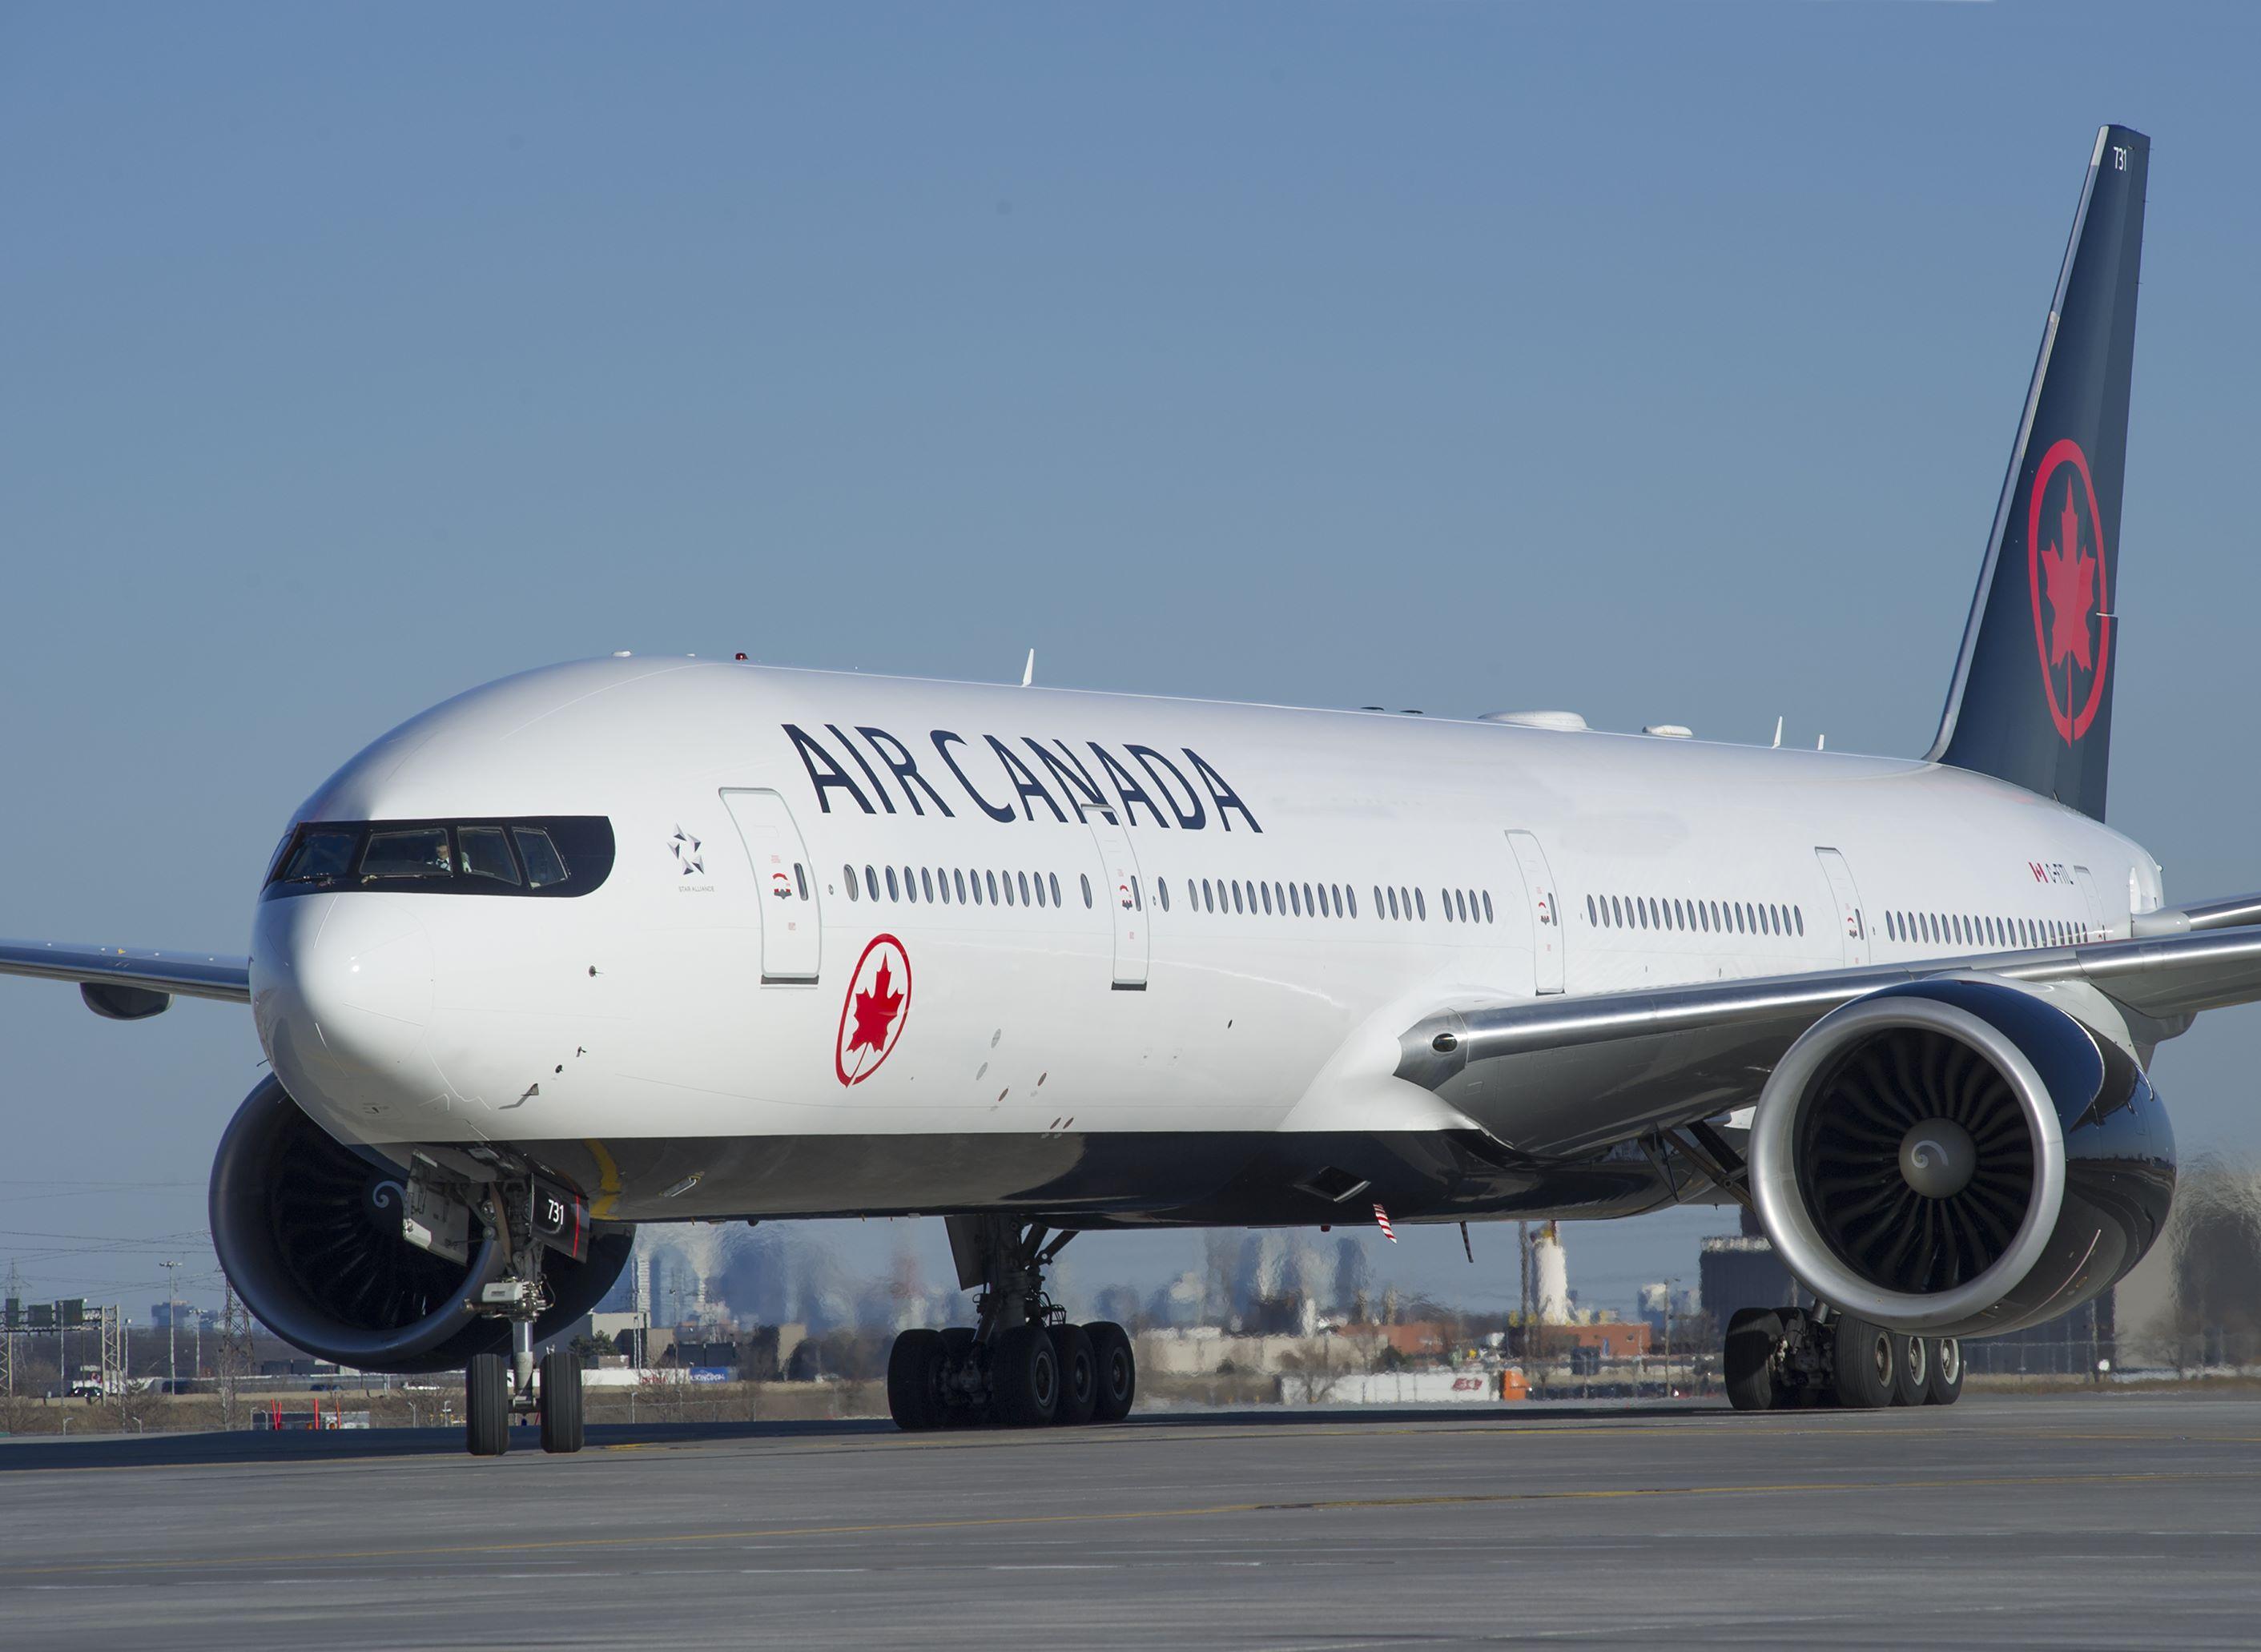 I næste års højsæson indsætter Air Canada sin største version af Boeing B777-300ER på selskabets daglige rute mellem Toronto og Københavns Lufthavn. Pressefoto: Air Canada.